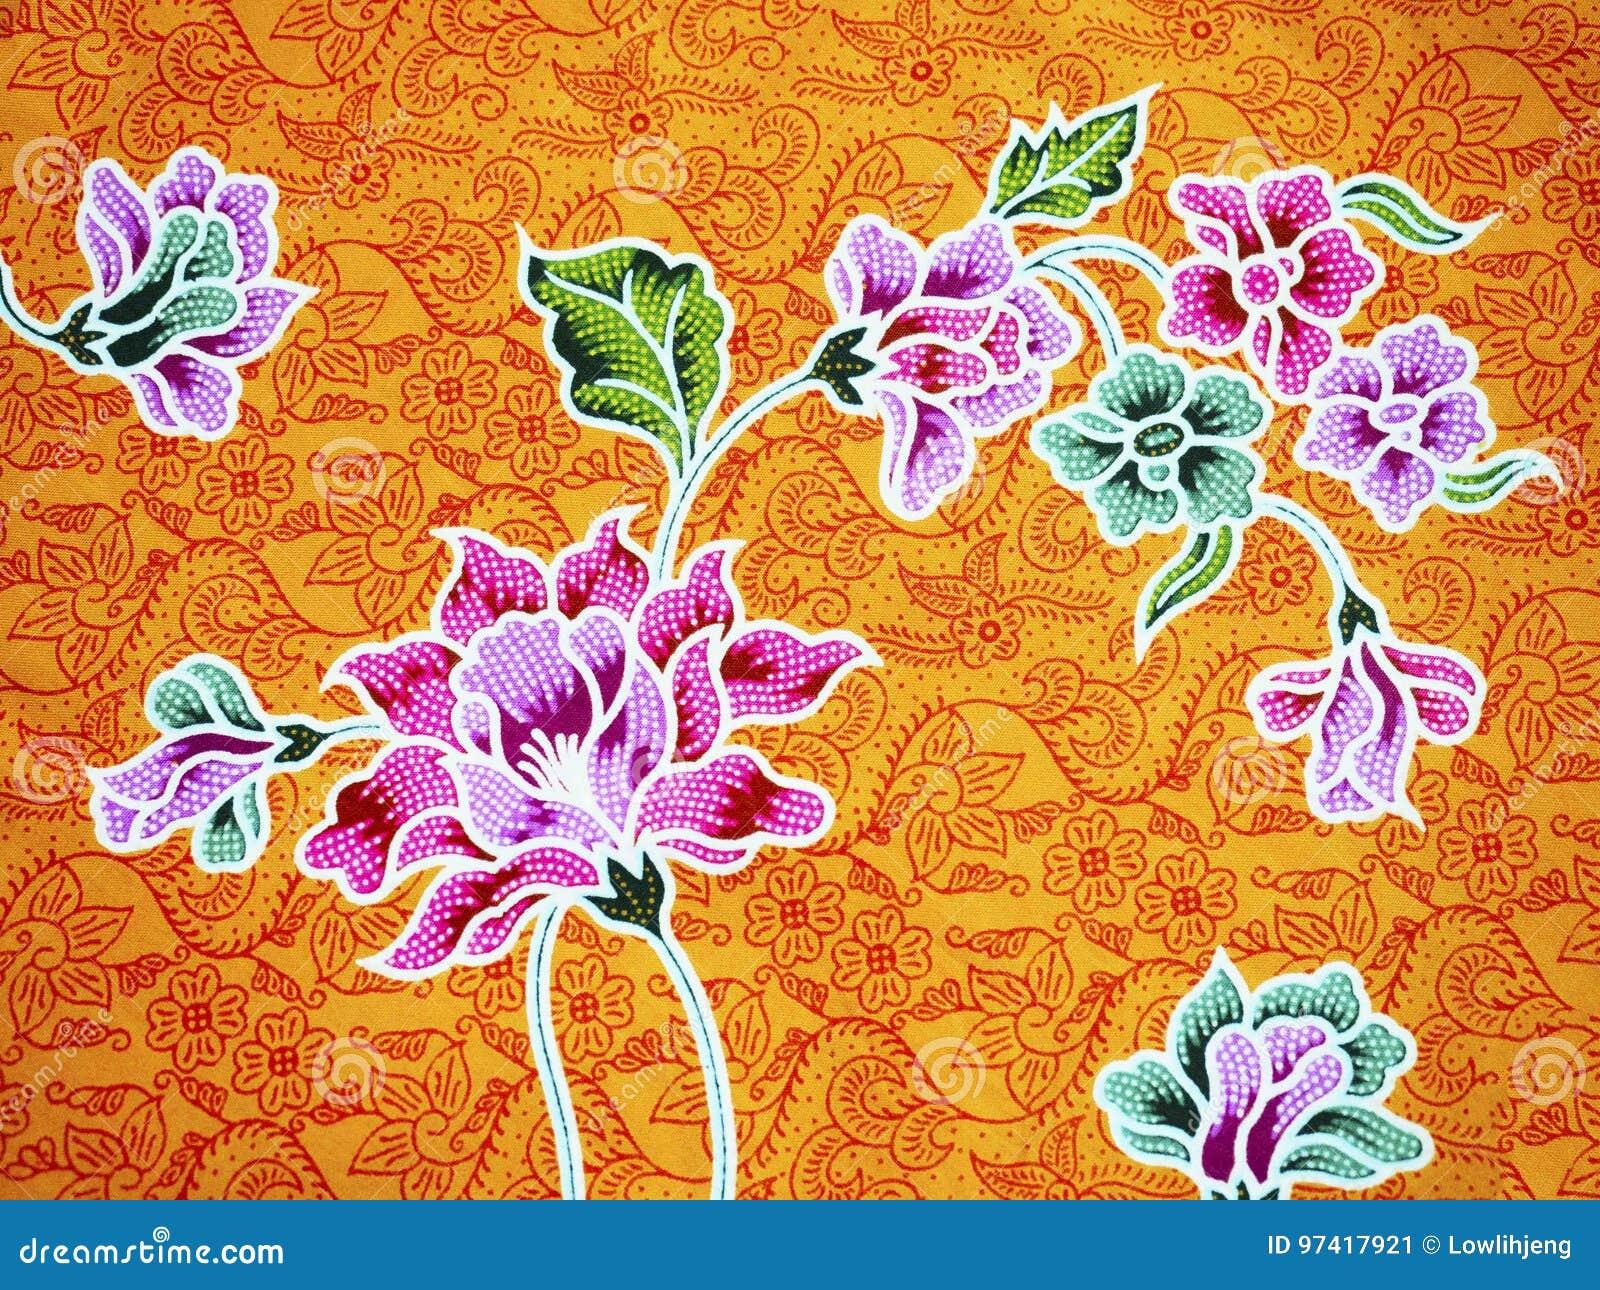 Download Batik stock image. Image of cotton, flora, color, asia - 97417921